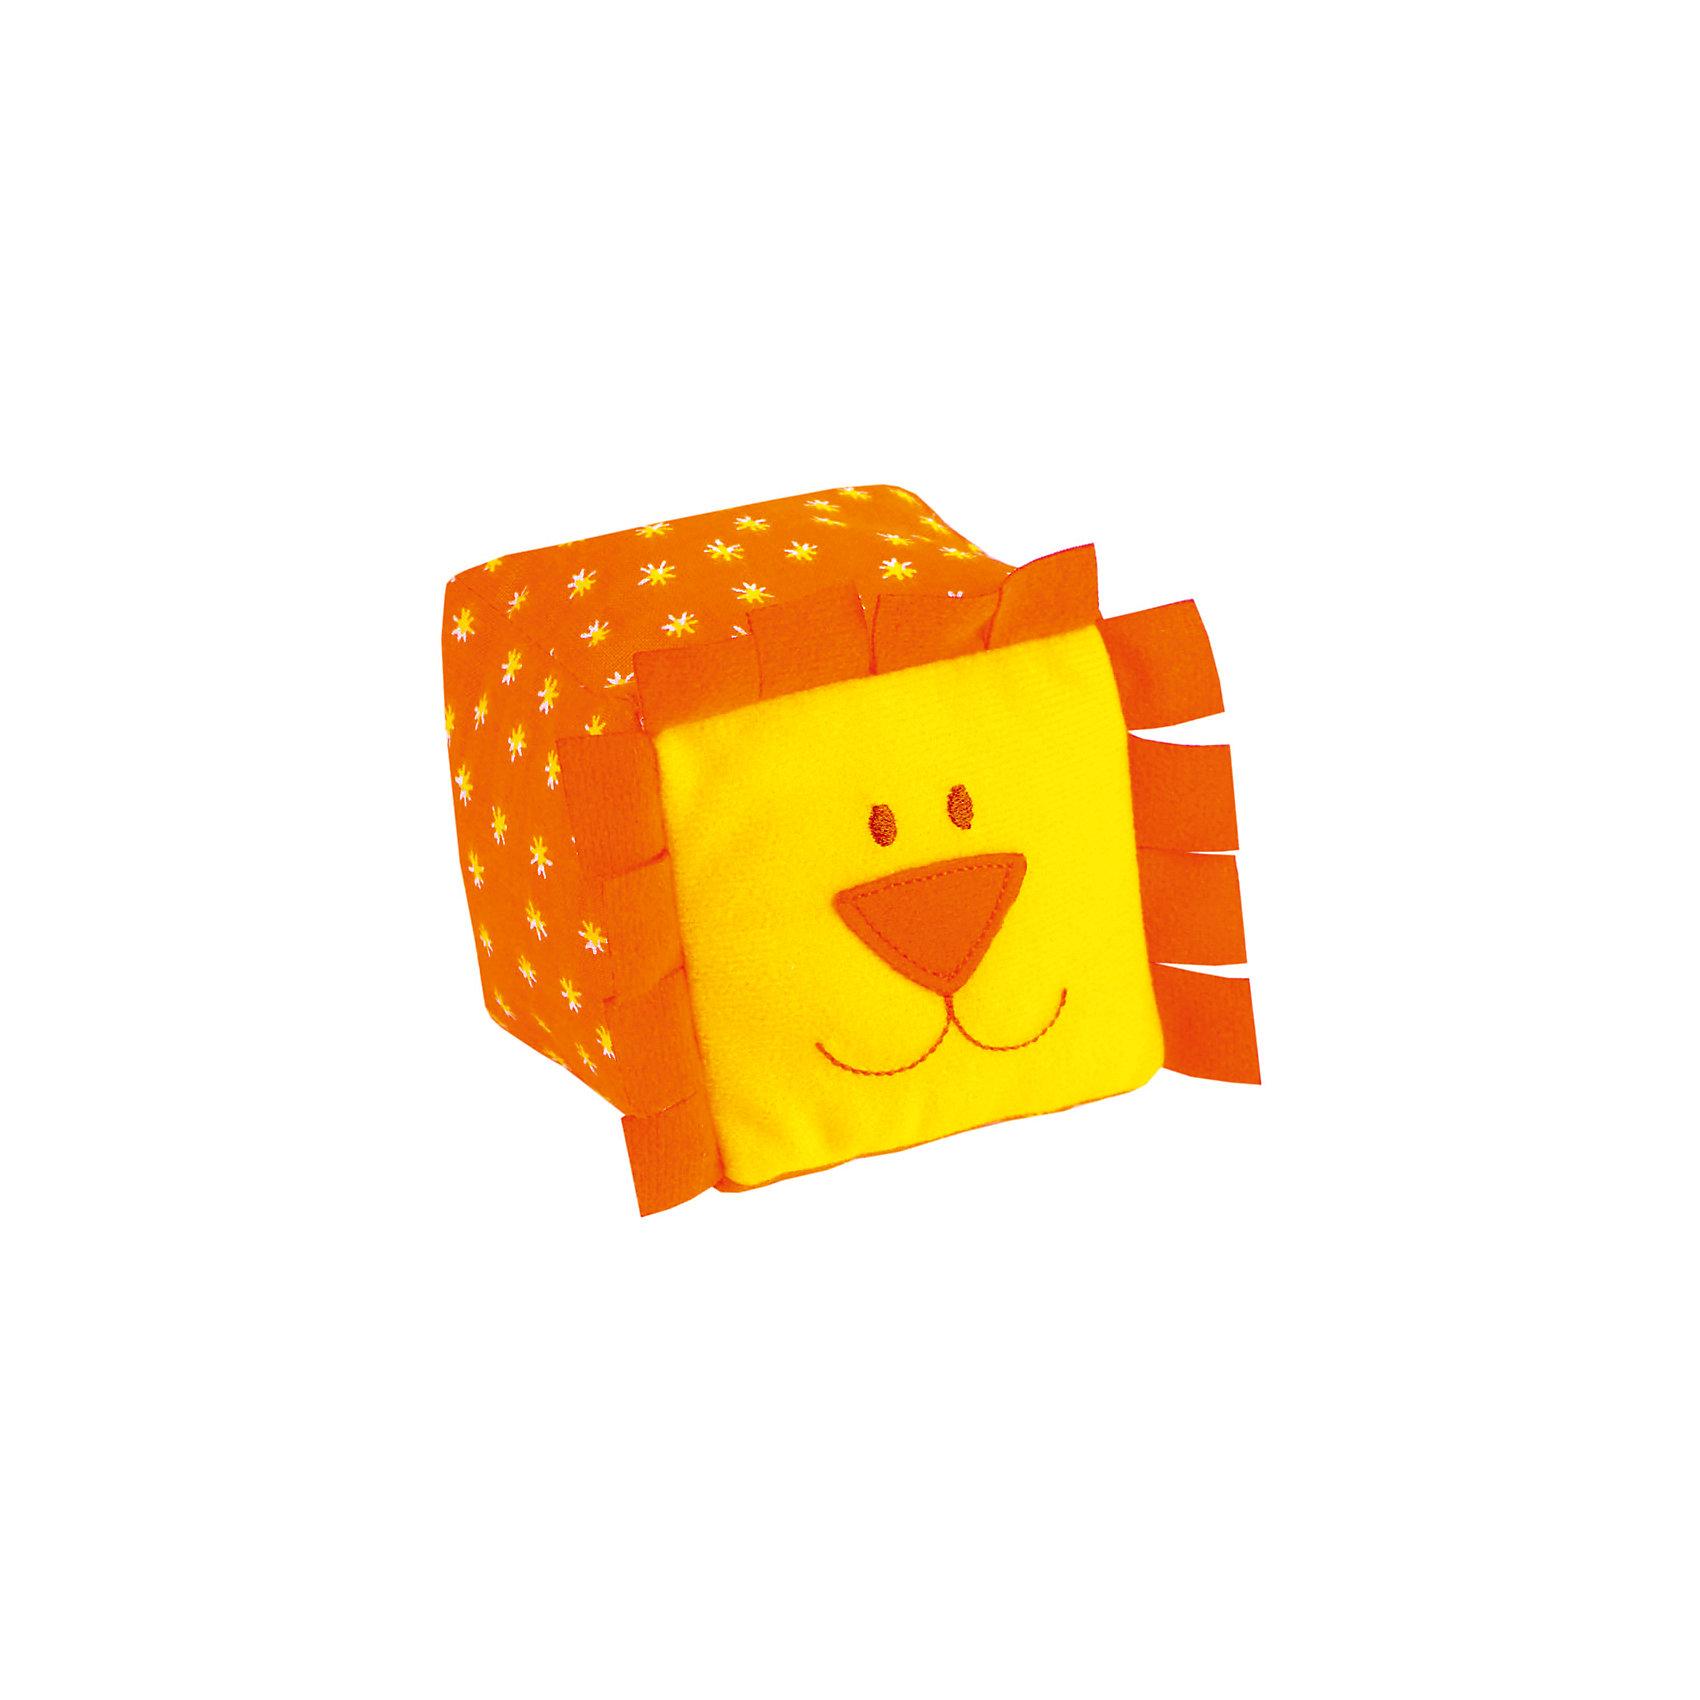 Мякиши Кубики ЗооМякиши Львенок, Мякиши развивающие деревянные игрушки кубики животные